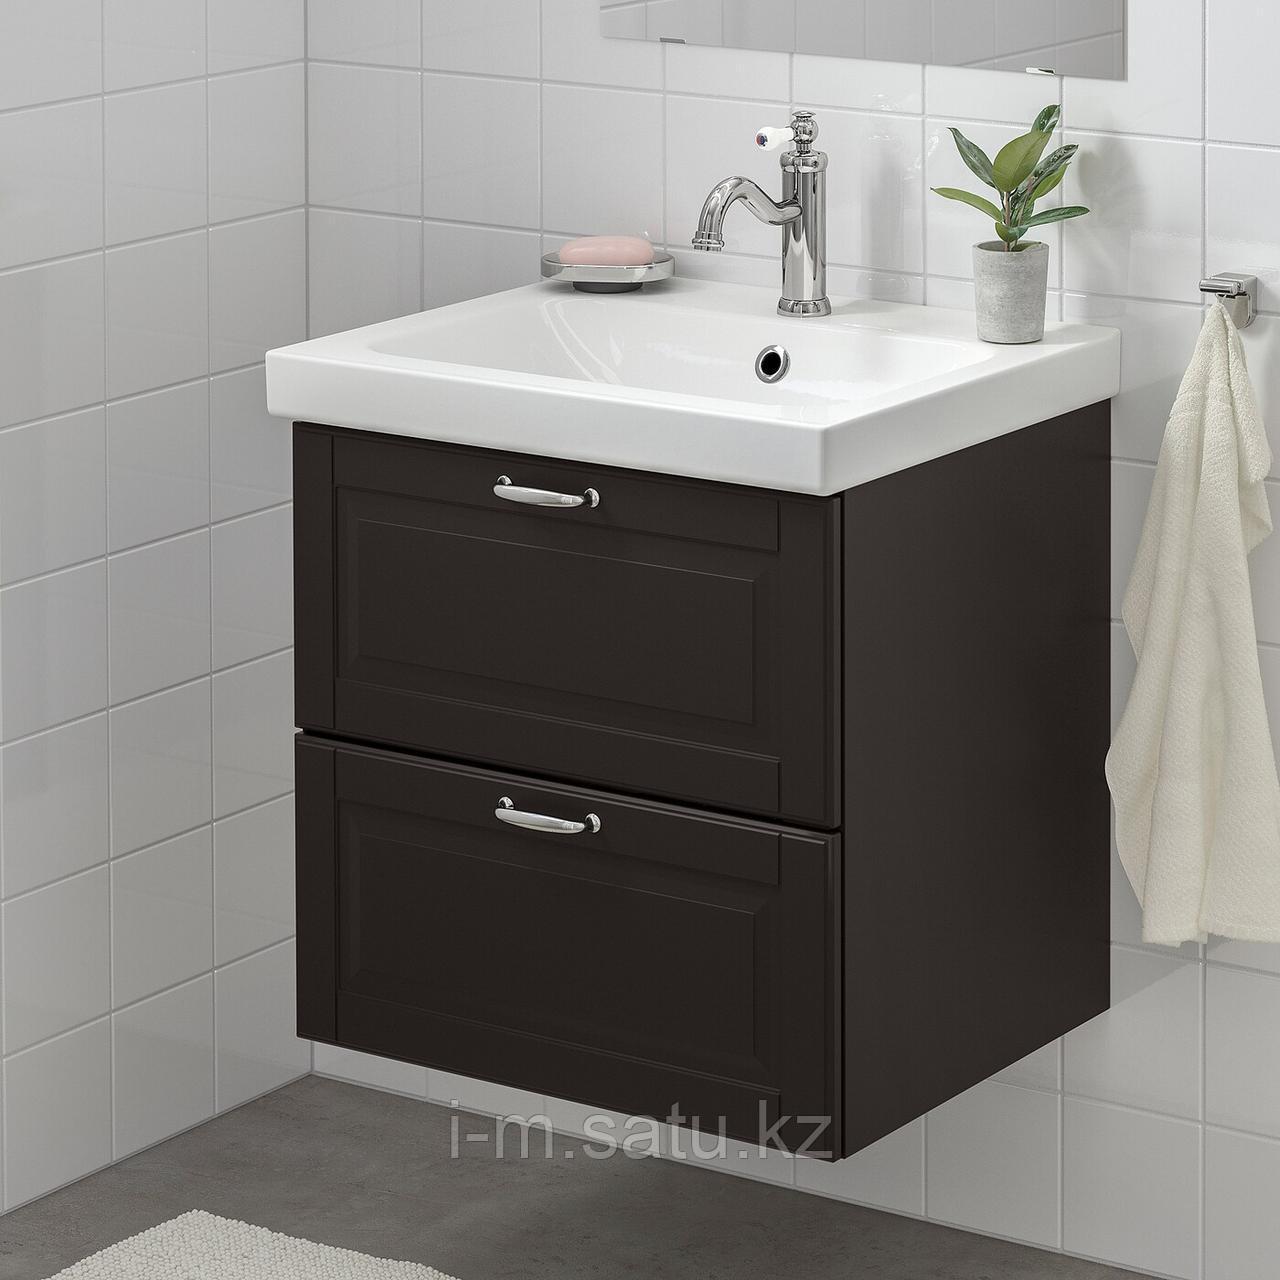 ГОДМОРГОН / ОДЕНСВИК Шкаф для раковины с 2 ящ, Кашён темно-серый, ХАМНШЕР смеситель, 63x49x64 см